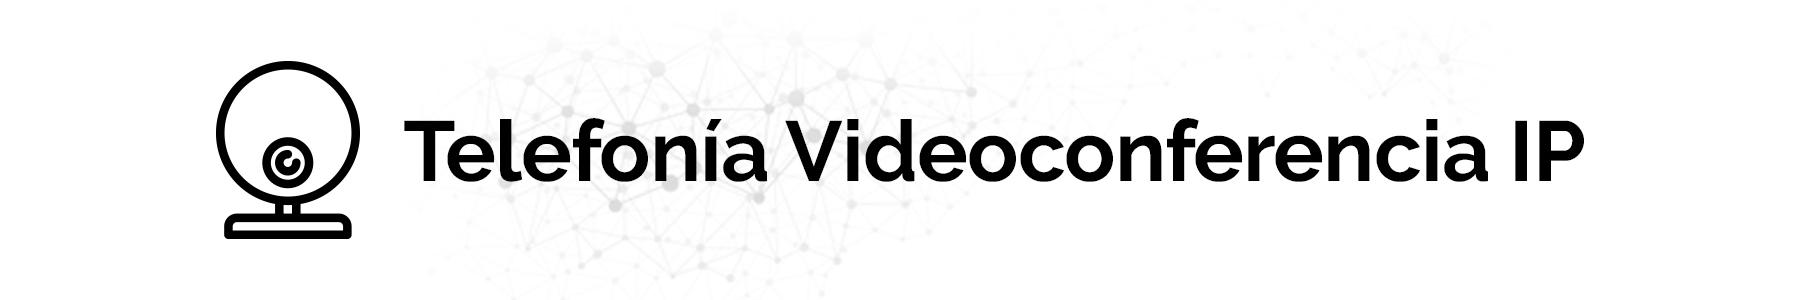 Telefonía Videoconferencia IP